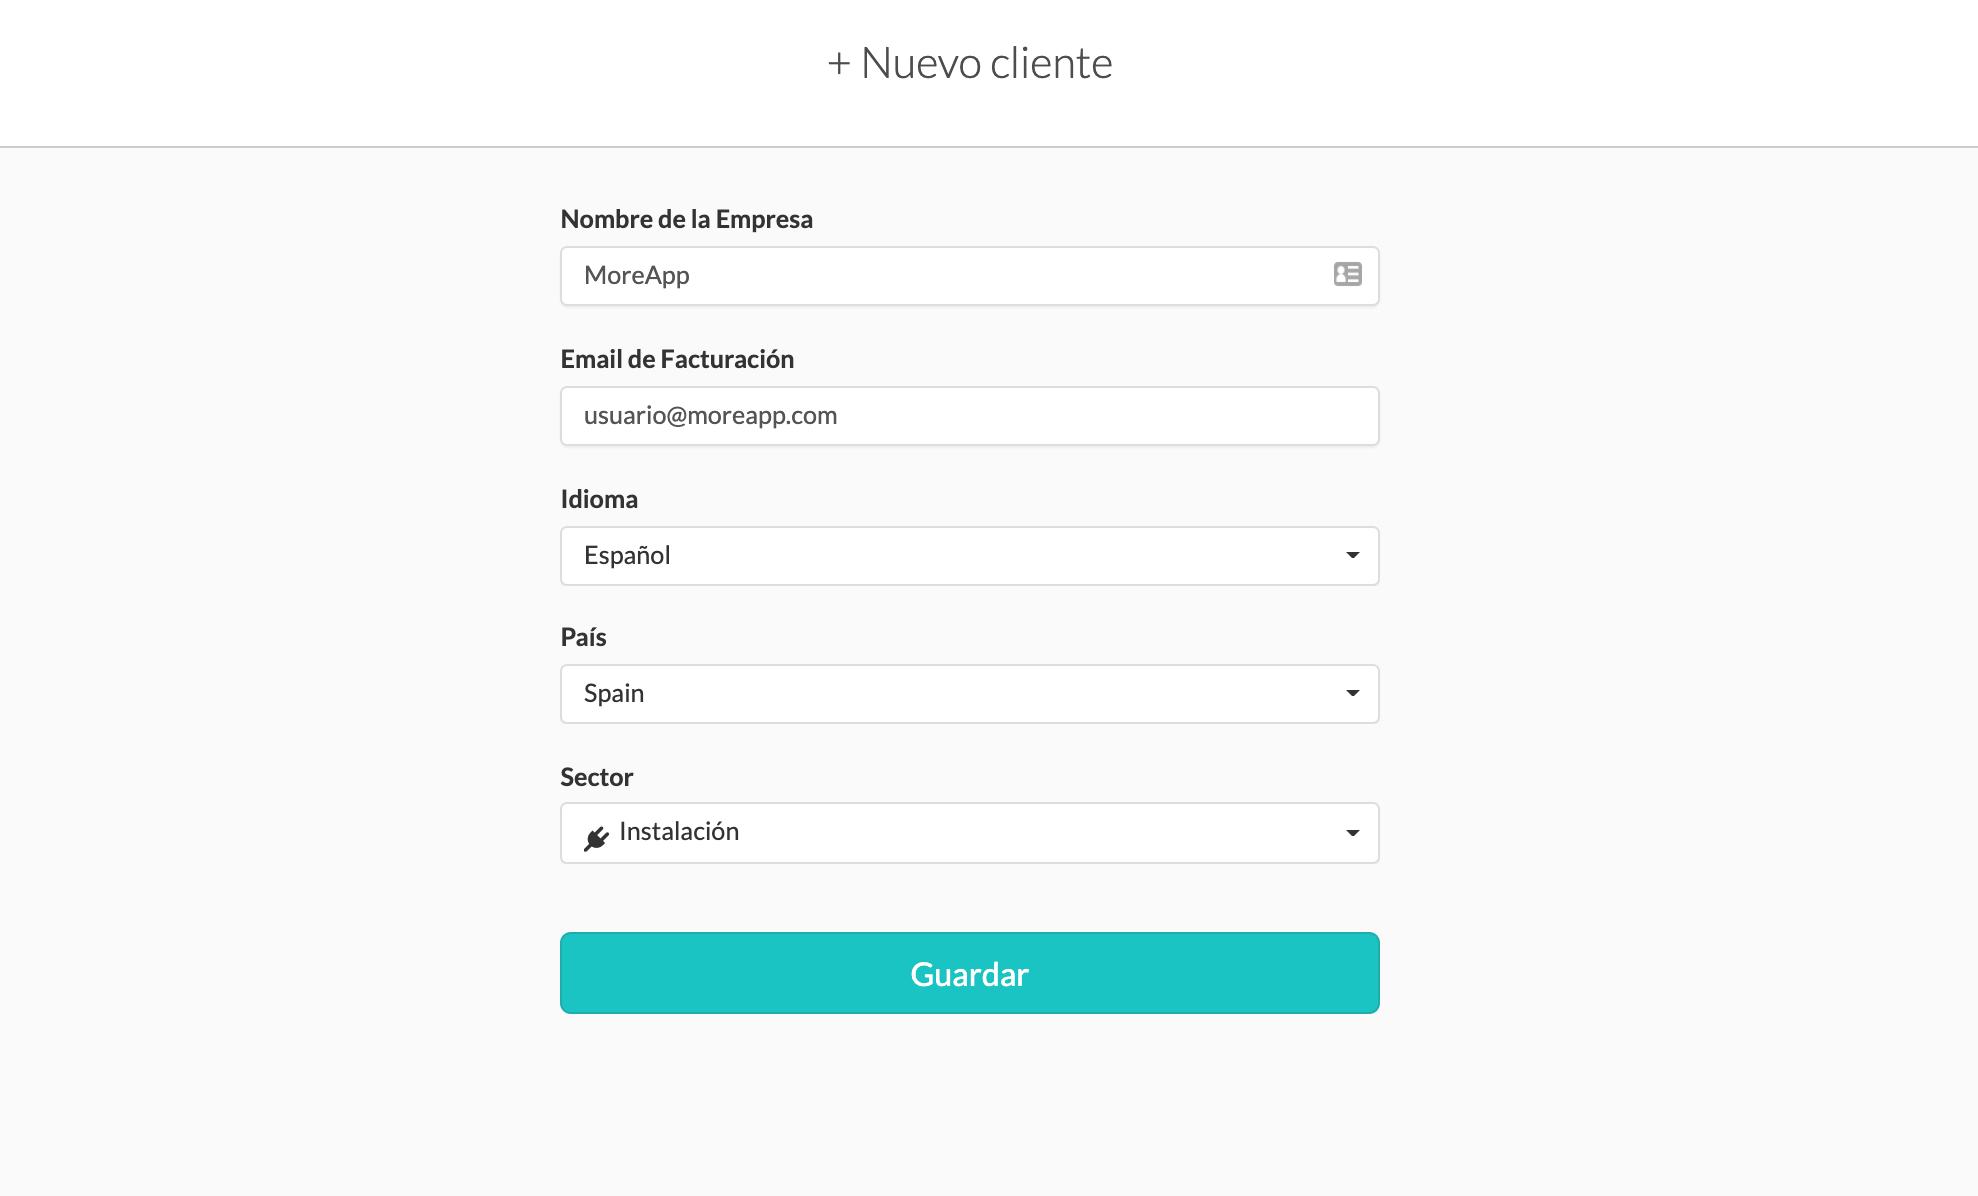 Datos Nuevo Cliente MoreApp